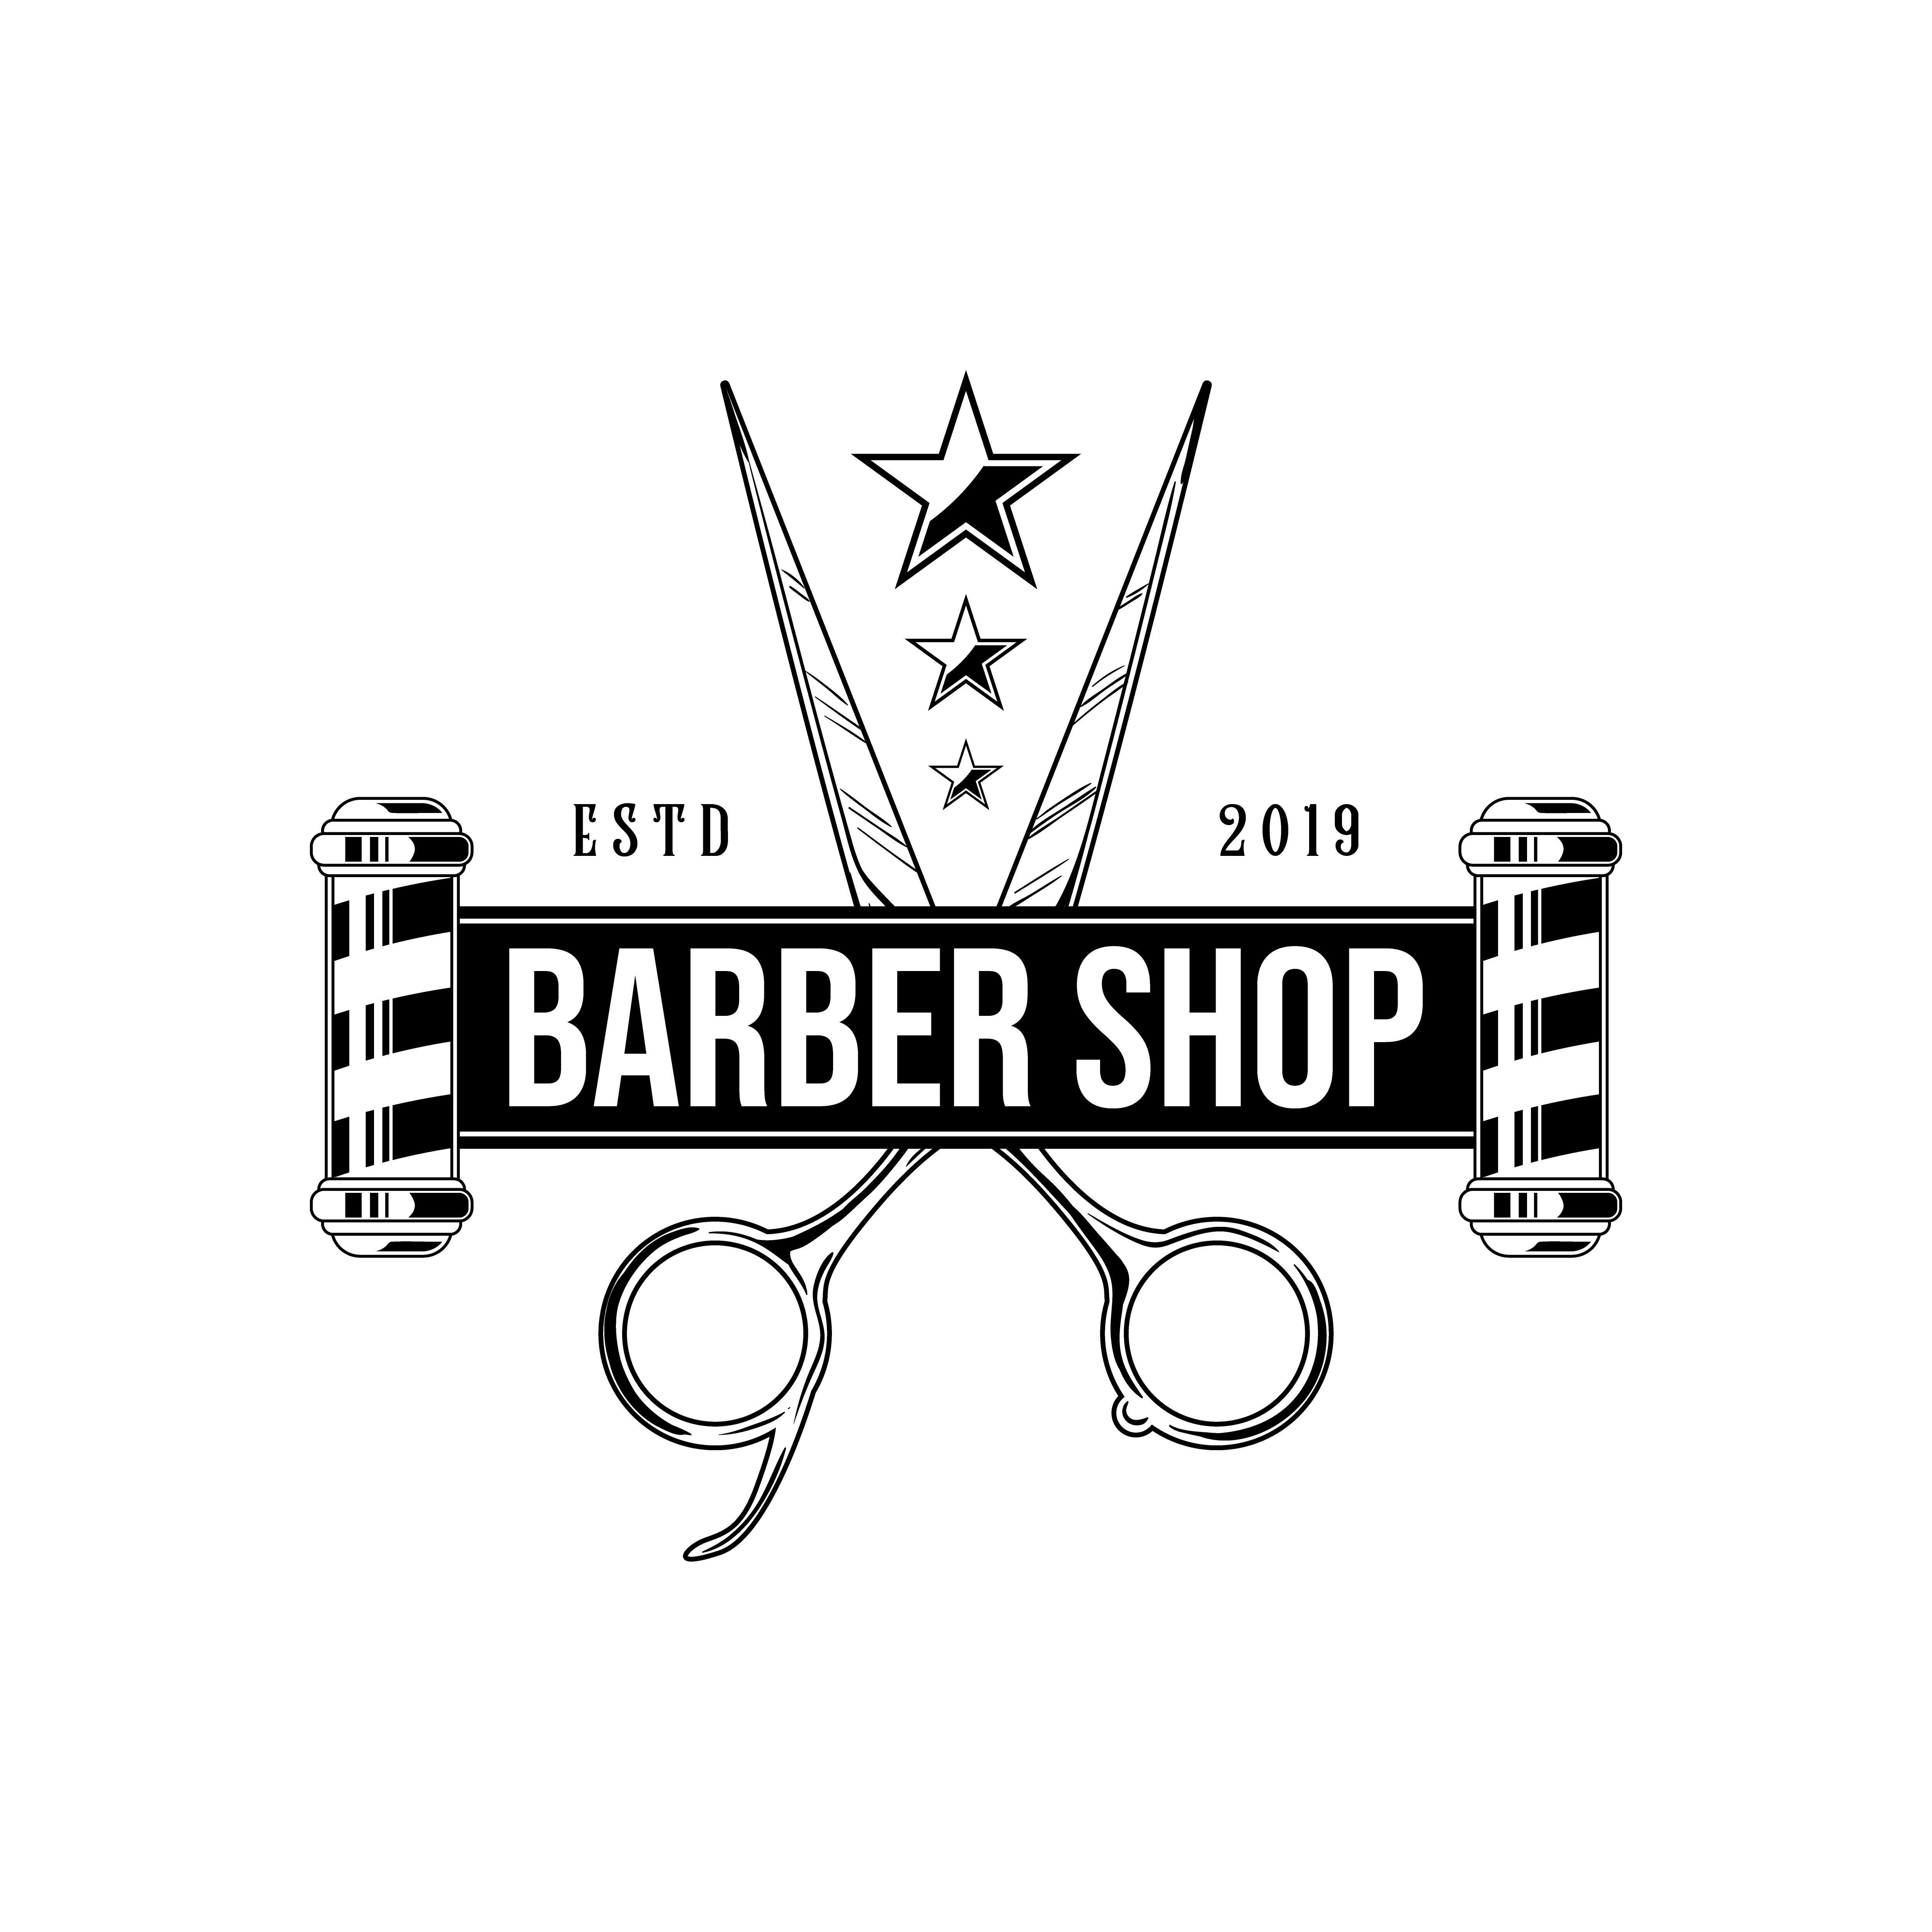 Barber Logo Barbershop Logo Vintage Barber Logo Barber Shop Vintage Barber Shop